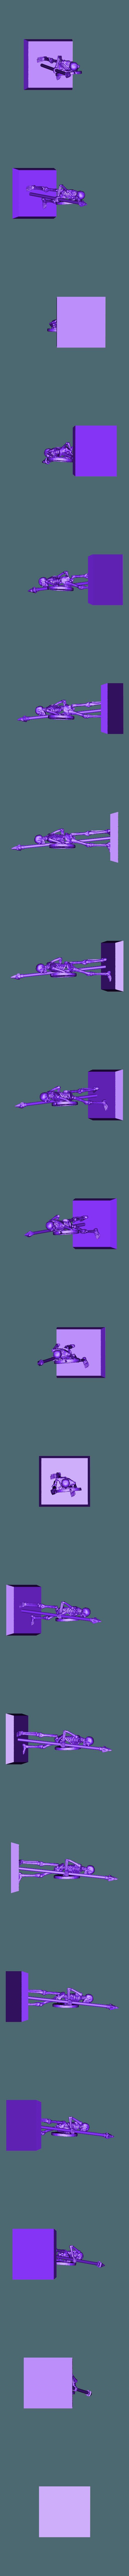 skeleton_spearman_v1.2.stl Télécharger fichier STL gratuit Skeleton Spearmen Miniatures verion #2 • Plan pour imprimante 3D, Ilhadiel